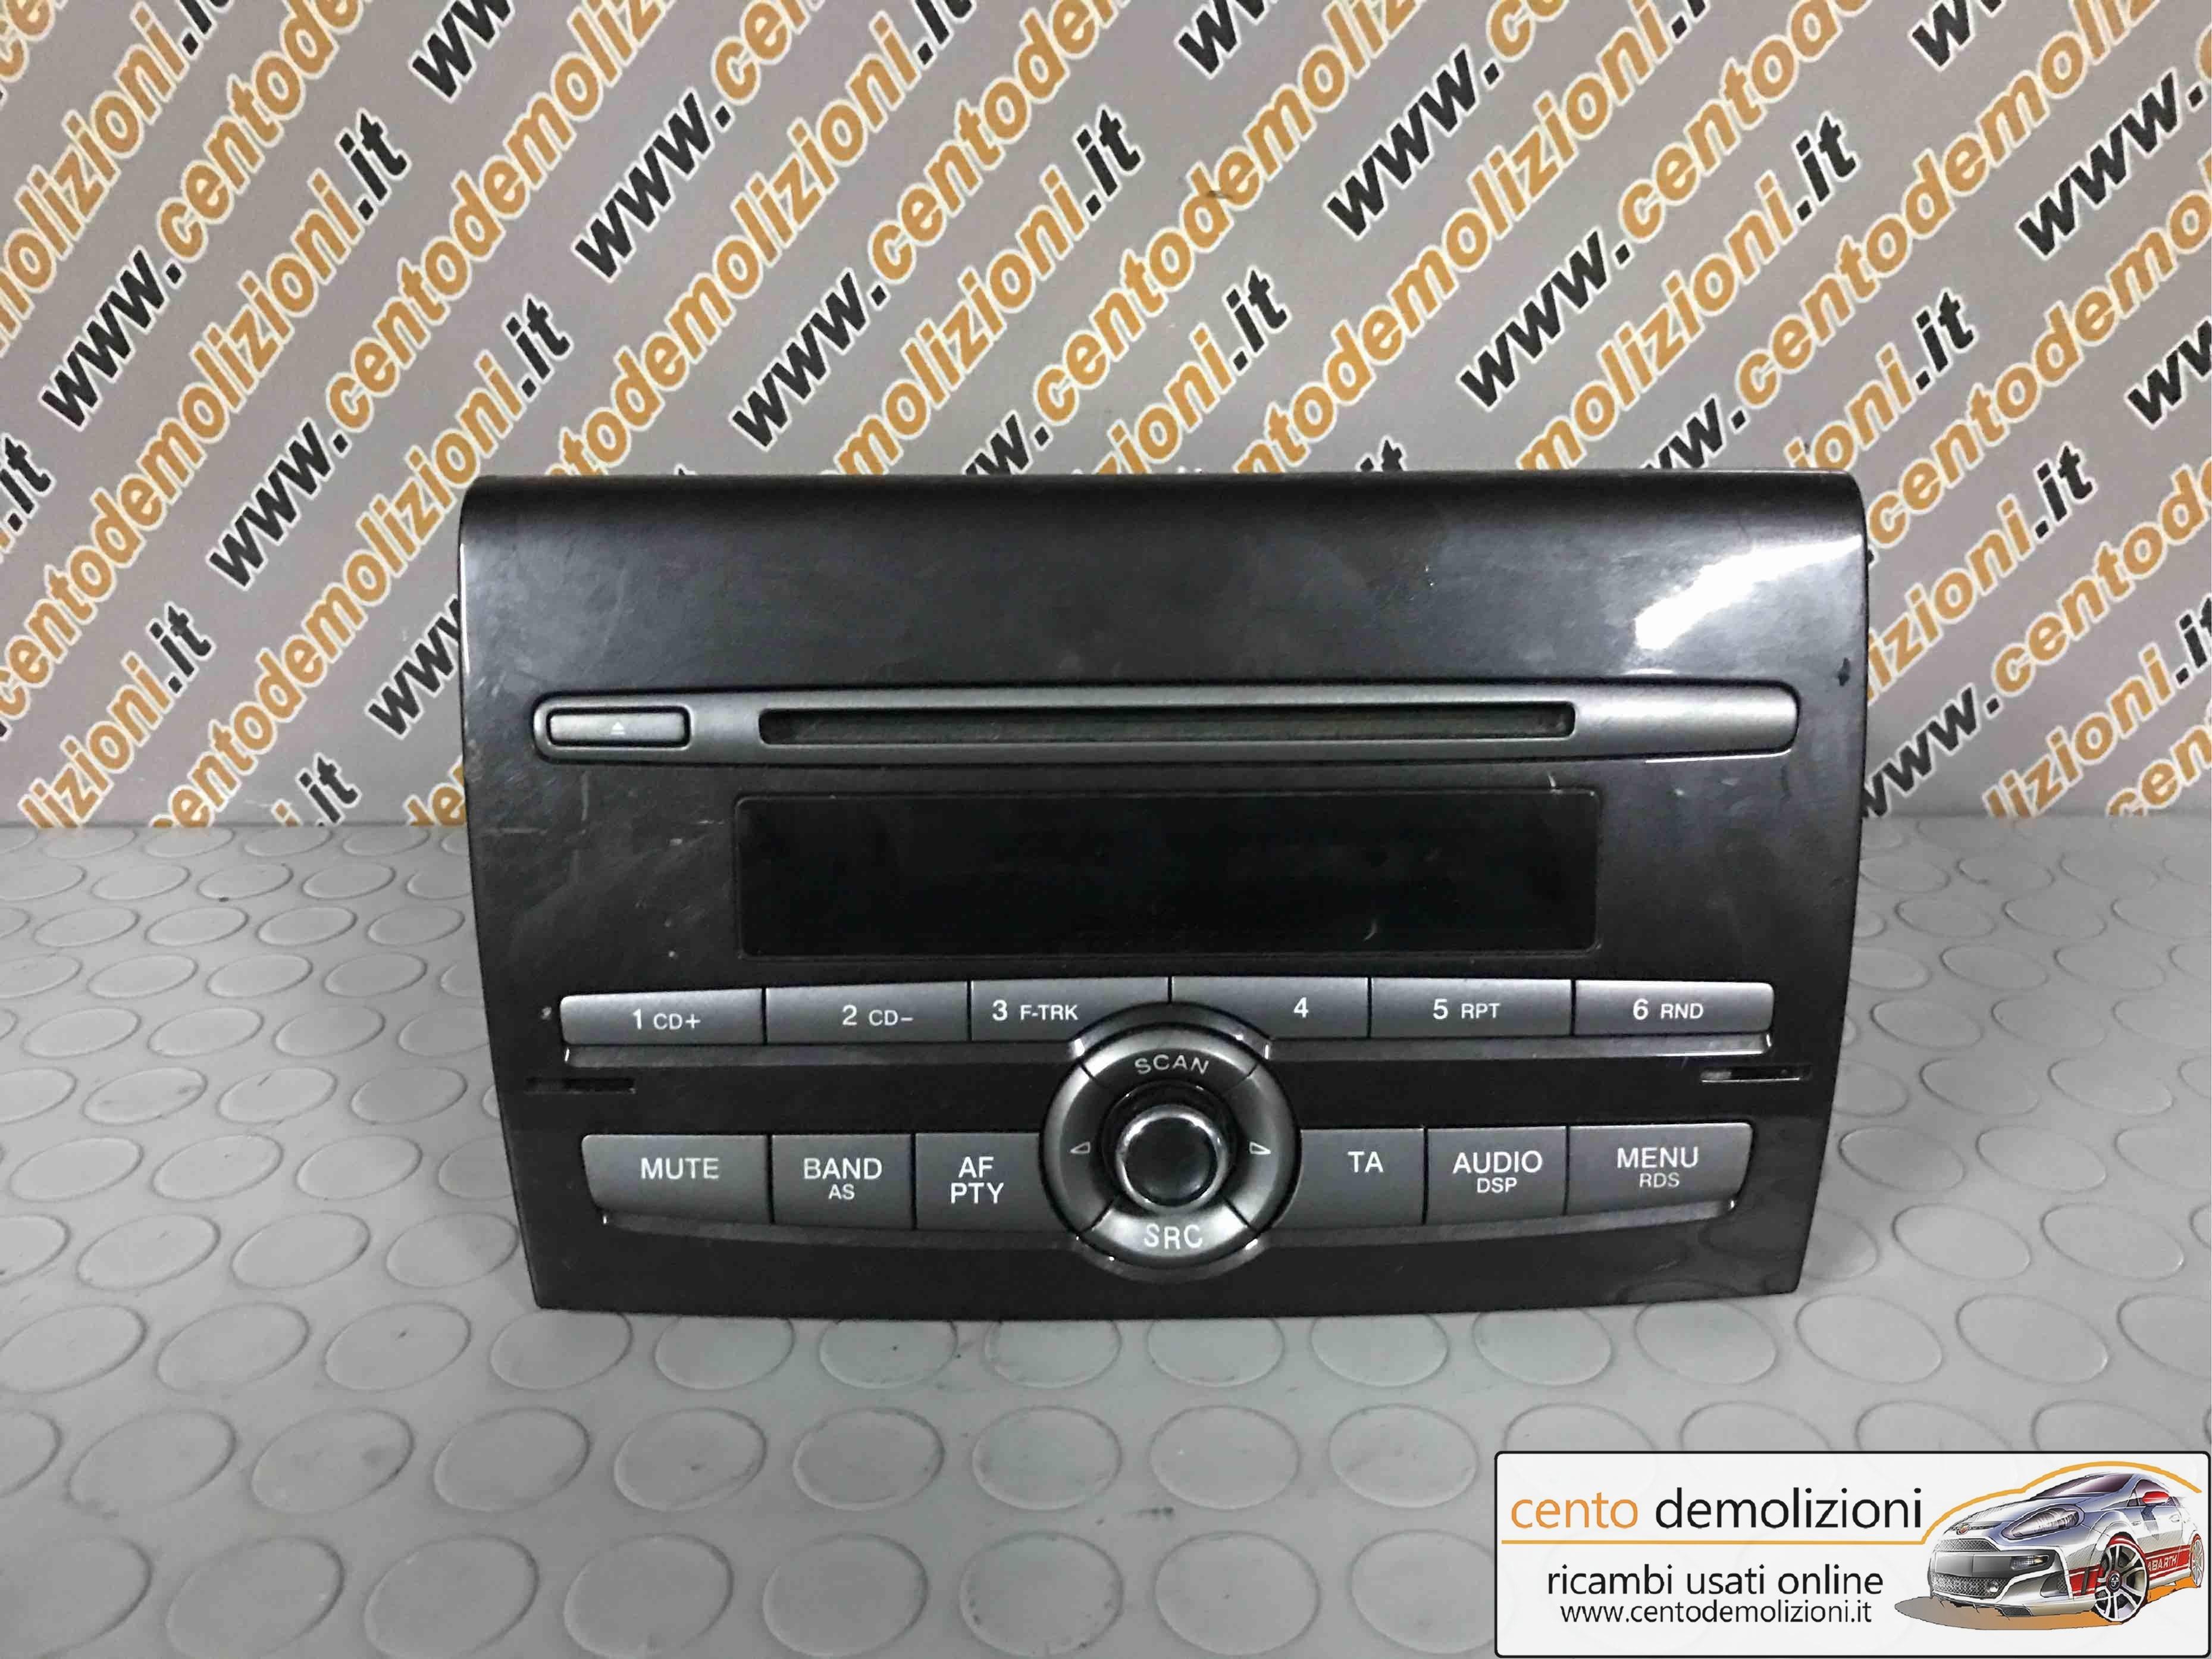 RICAMBI USATI 735451941 AUTORADIO FIAT Bravo 2° Serie 2008 1900